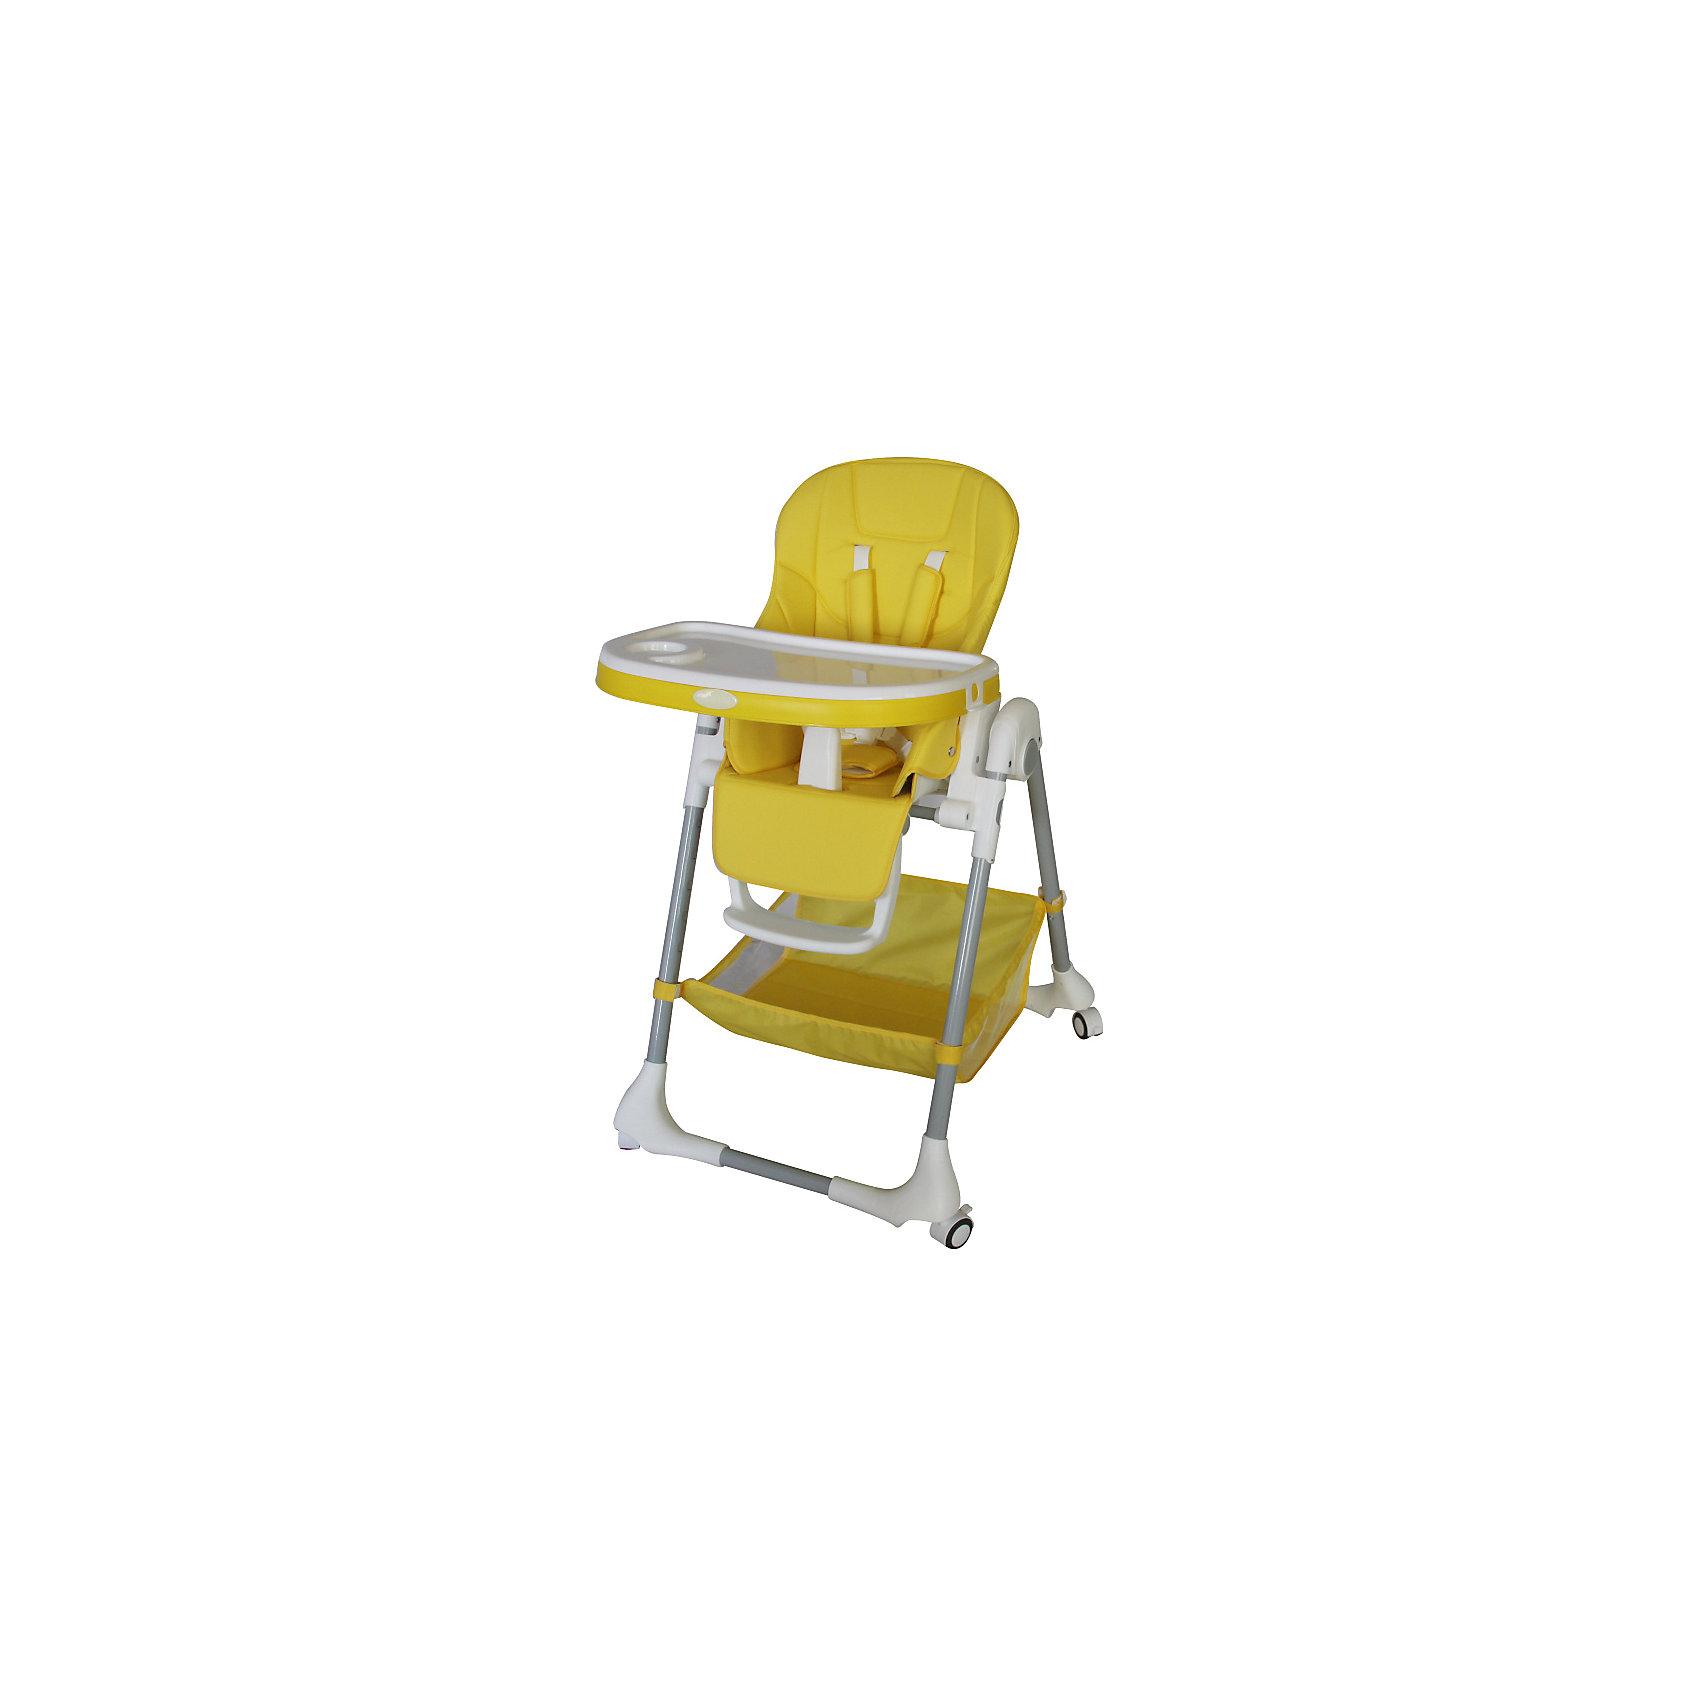 Стульчик для кормления, Aricare, YellowСтульчики для кормления<br>Характеристики детского стульчика для кормления Aricare:<br><br>• регулируемая высота сиденья стульчика: 7 положений, высота от пола 27-64 см;<br>• регулируемый угол наклона спинки стульчика, 5 положений;<br>• регулируемая подножка, 3 положения;<br>• регулируемая глубина столешницы, 3 положения;<br>• столешница двойная, съемная;<br>• внутренние ремни безопасности – 5-ти точечные с плечевыми накладками;<br>• защита от соскальзывания;<br>• стульчик оснащен колесиками со стопорами, 4 шт.;<br>• обивка съемная, чистка влажной тряпкой;<br>• компактное складывание, устойчивость в сложенном виде;<br>• стульчик складывается вместе со столешницей;<br>• материал: пластик, кожзам, полиэстер.<br><br>Максимальный вес ребенка: до 25 кг<br>Высота стульчика: 84-105 см<br>Ширина по колесикам: 57х72 см<br>Размер столешницы: 63х30 см<br>Ширина сиденья: 27 см<br>Глубина сиденья: 23 см<br>Высота спинки: 47 см<br>Длина подножки: 15 см<br>Размер стульчика в сложенном виде: 84х30 см<br>Размер упаковки: 60х26,5х85,5 см<br>Вес: 10,4 кг<br><br>Сертификат международного образца SGS EN1888<br>Сертификат Таможенного Союза<br><br>Стульчик для кормления, Aricare, Yellow можно купить в нашем интернет-магазине.<br><br>Ширина мм: 600<br>Глубина мм: 265<br>Высота мм: 855<br>Вес г: 10400<br>Возраст от месяцев: 6<br>Возраст до месяцев: 48<br>Пол: Унисекс<br>Возраст: Детский<br>SKU: 5485154